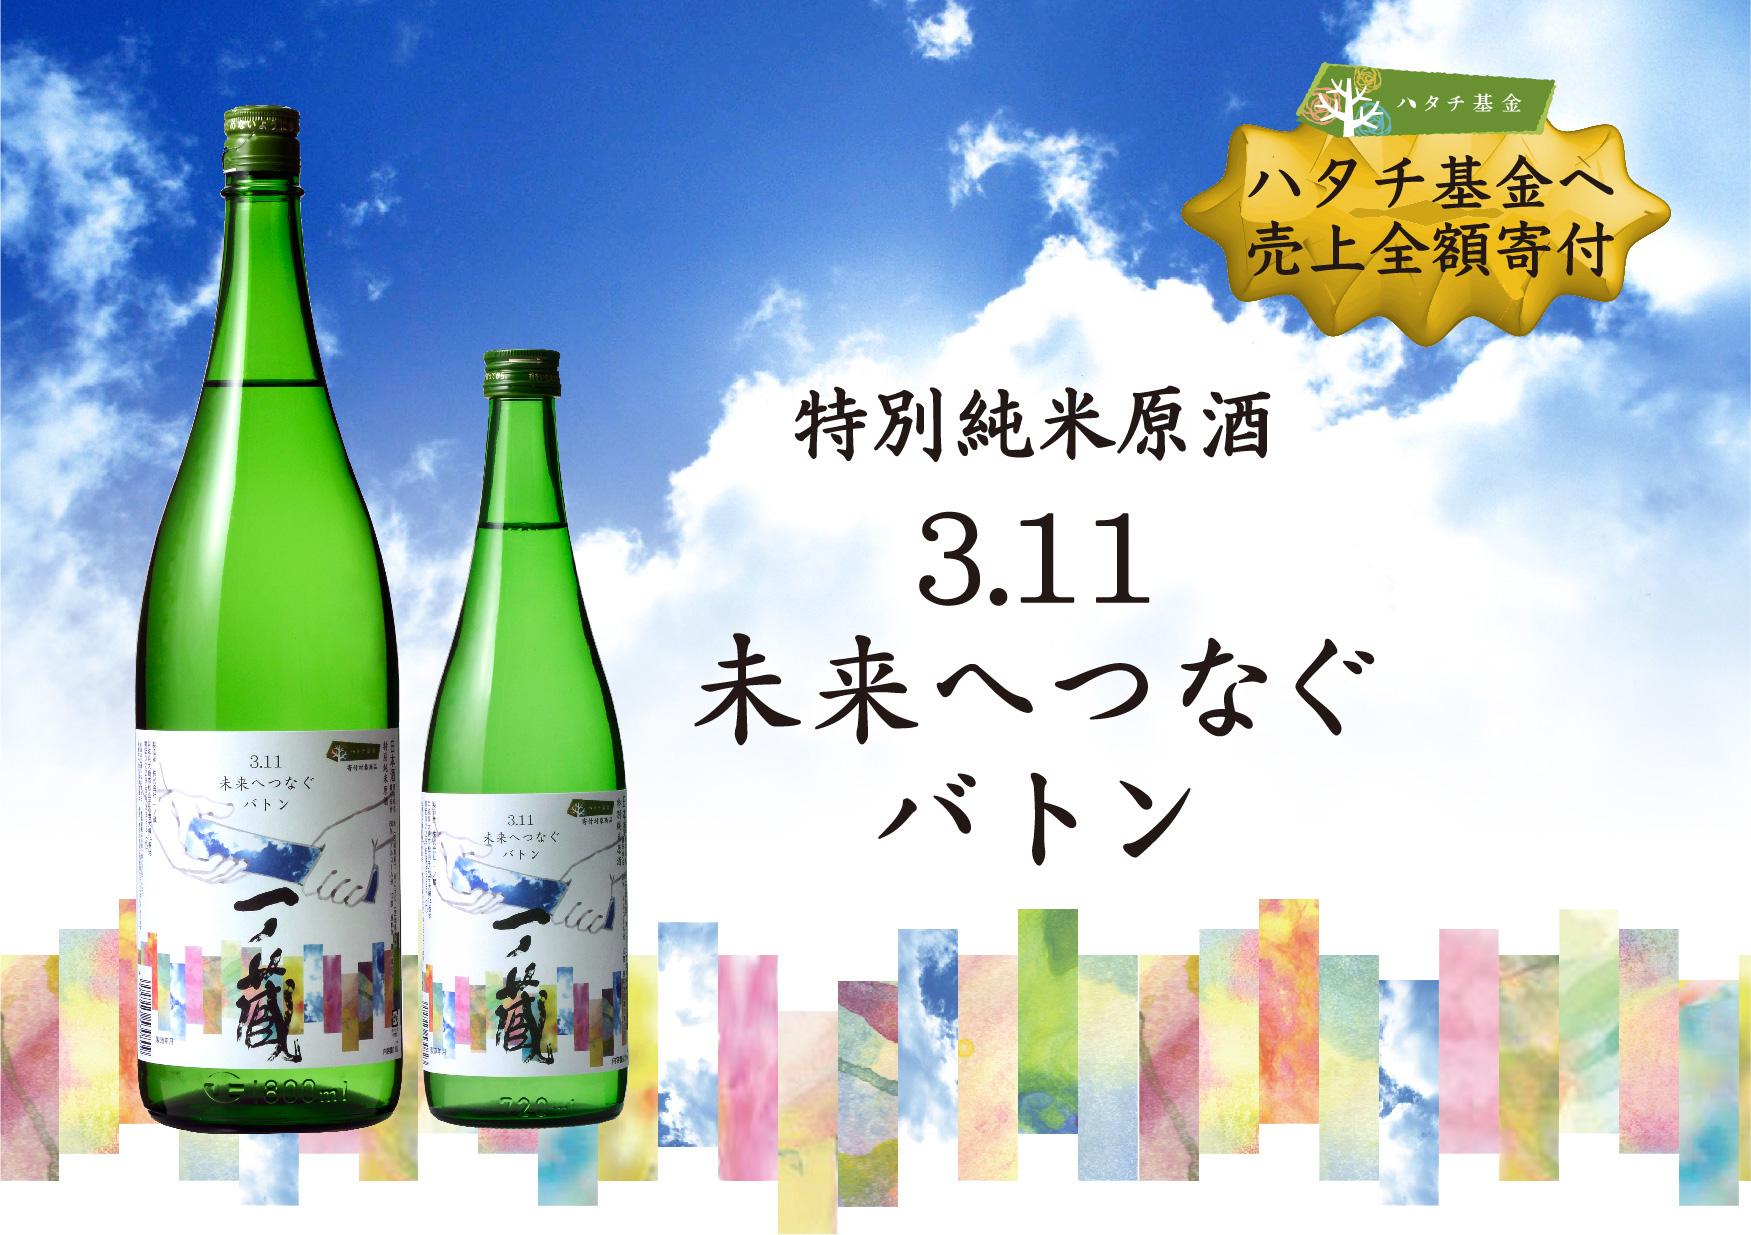 「3.11未来へつなぐバトン」2月19日出荷開始!